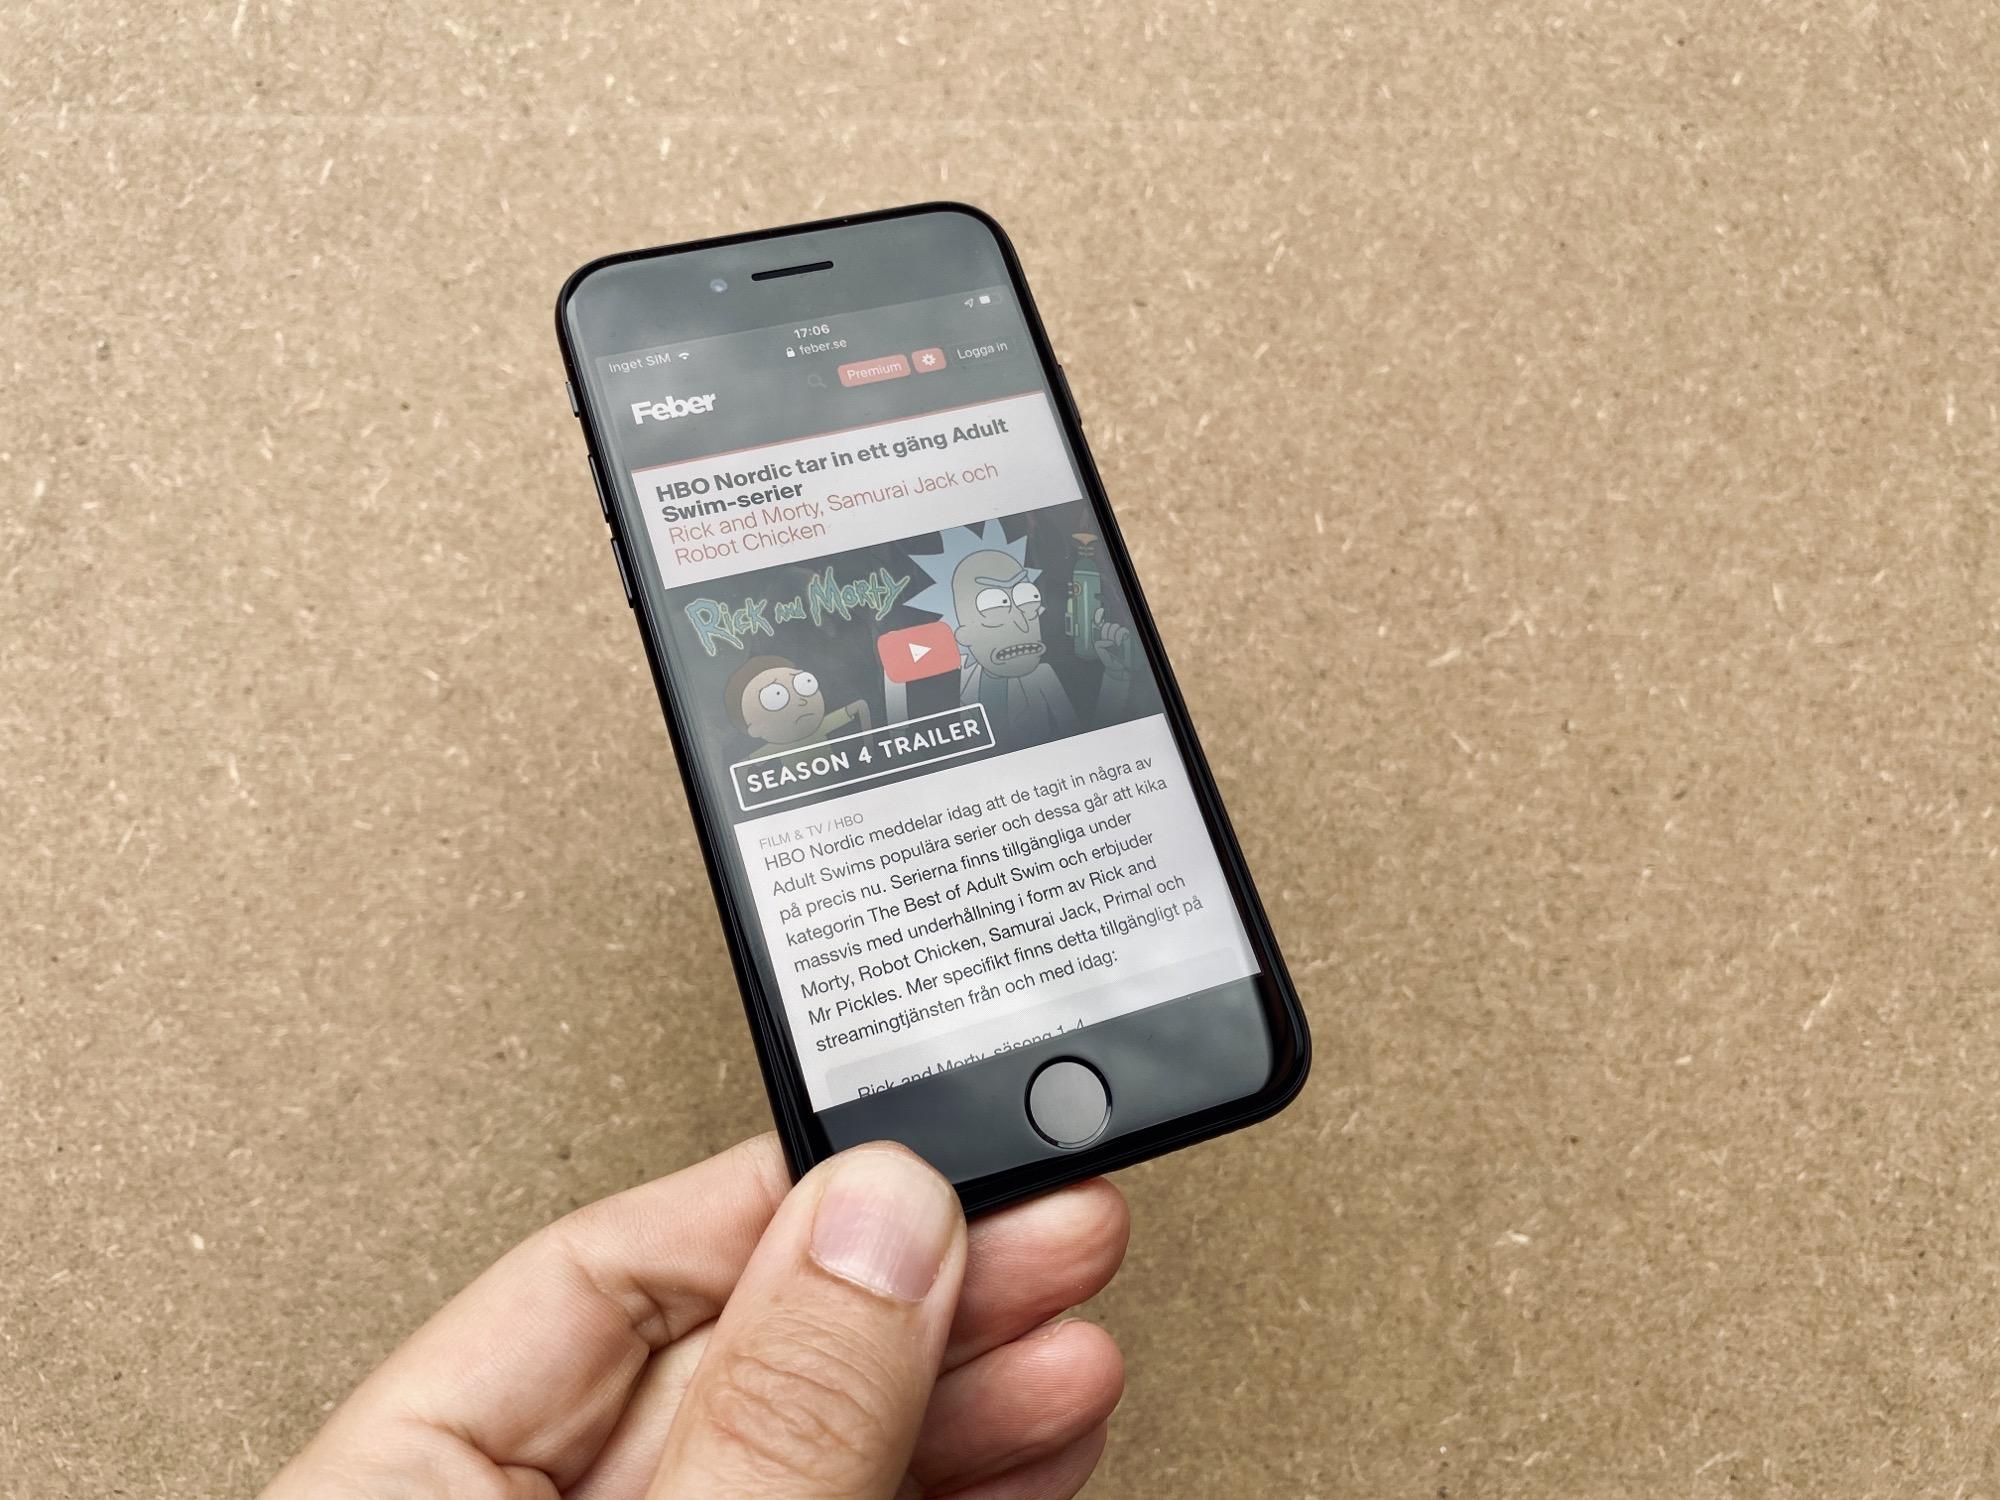 Testad! iPhone SE är liten, billig och snabb Apples budgettelefon imponerar